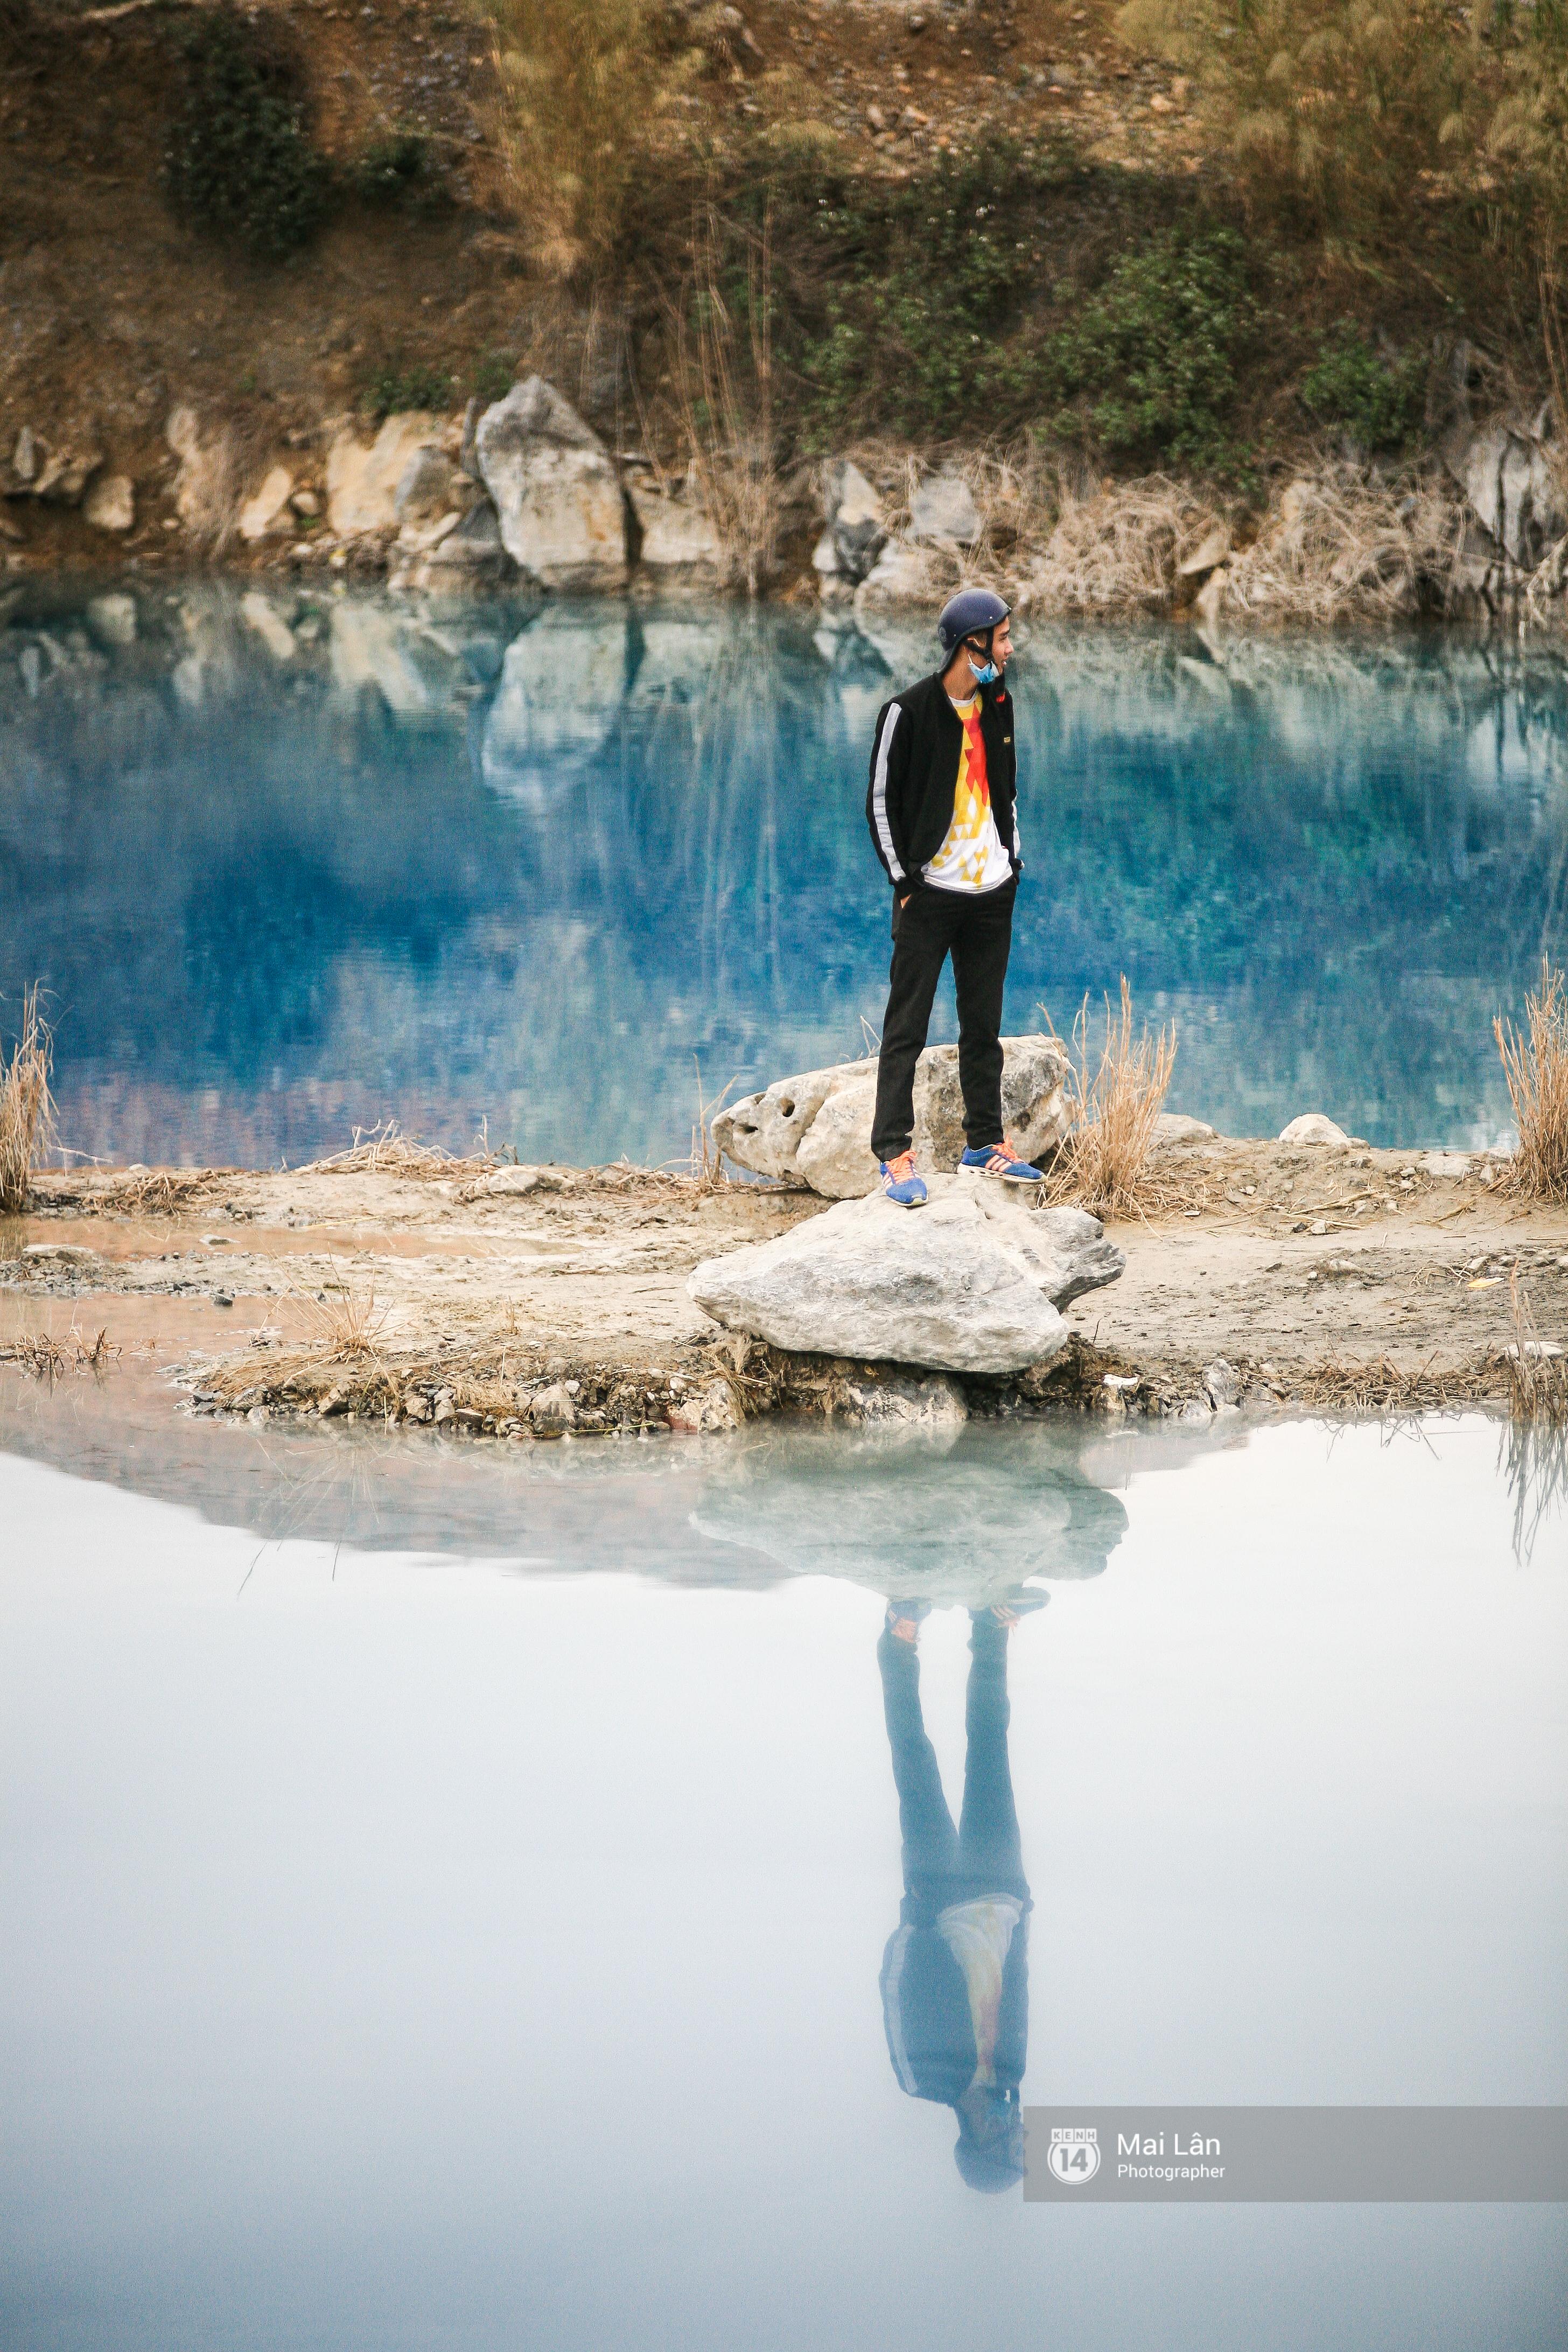 Hồ nước xanh ngắt kì lạ ở Hải Phòng: Địa điểm mới đang khiến giới trẻ xôn xao - Ảnh 10.